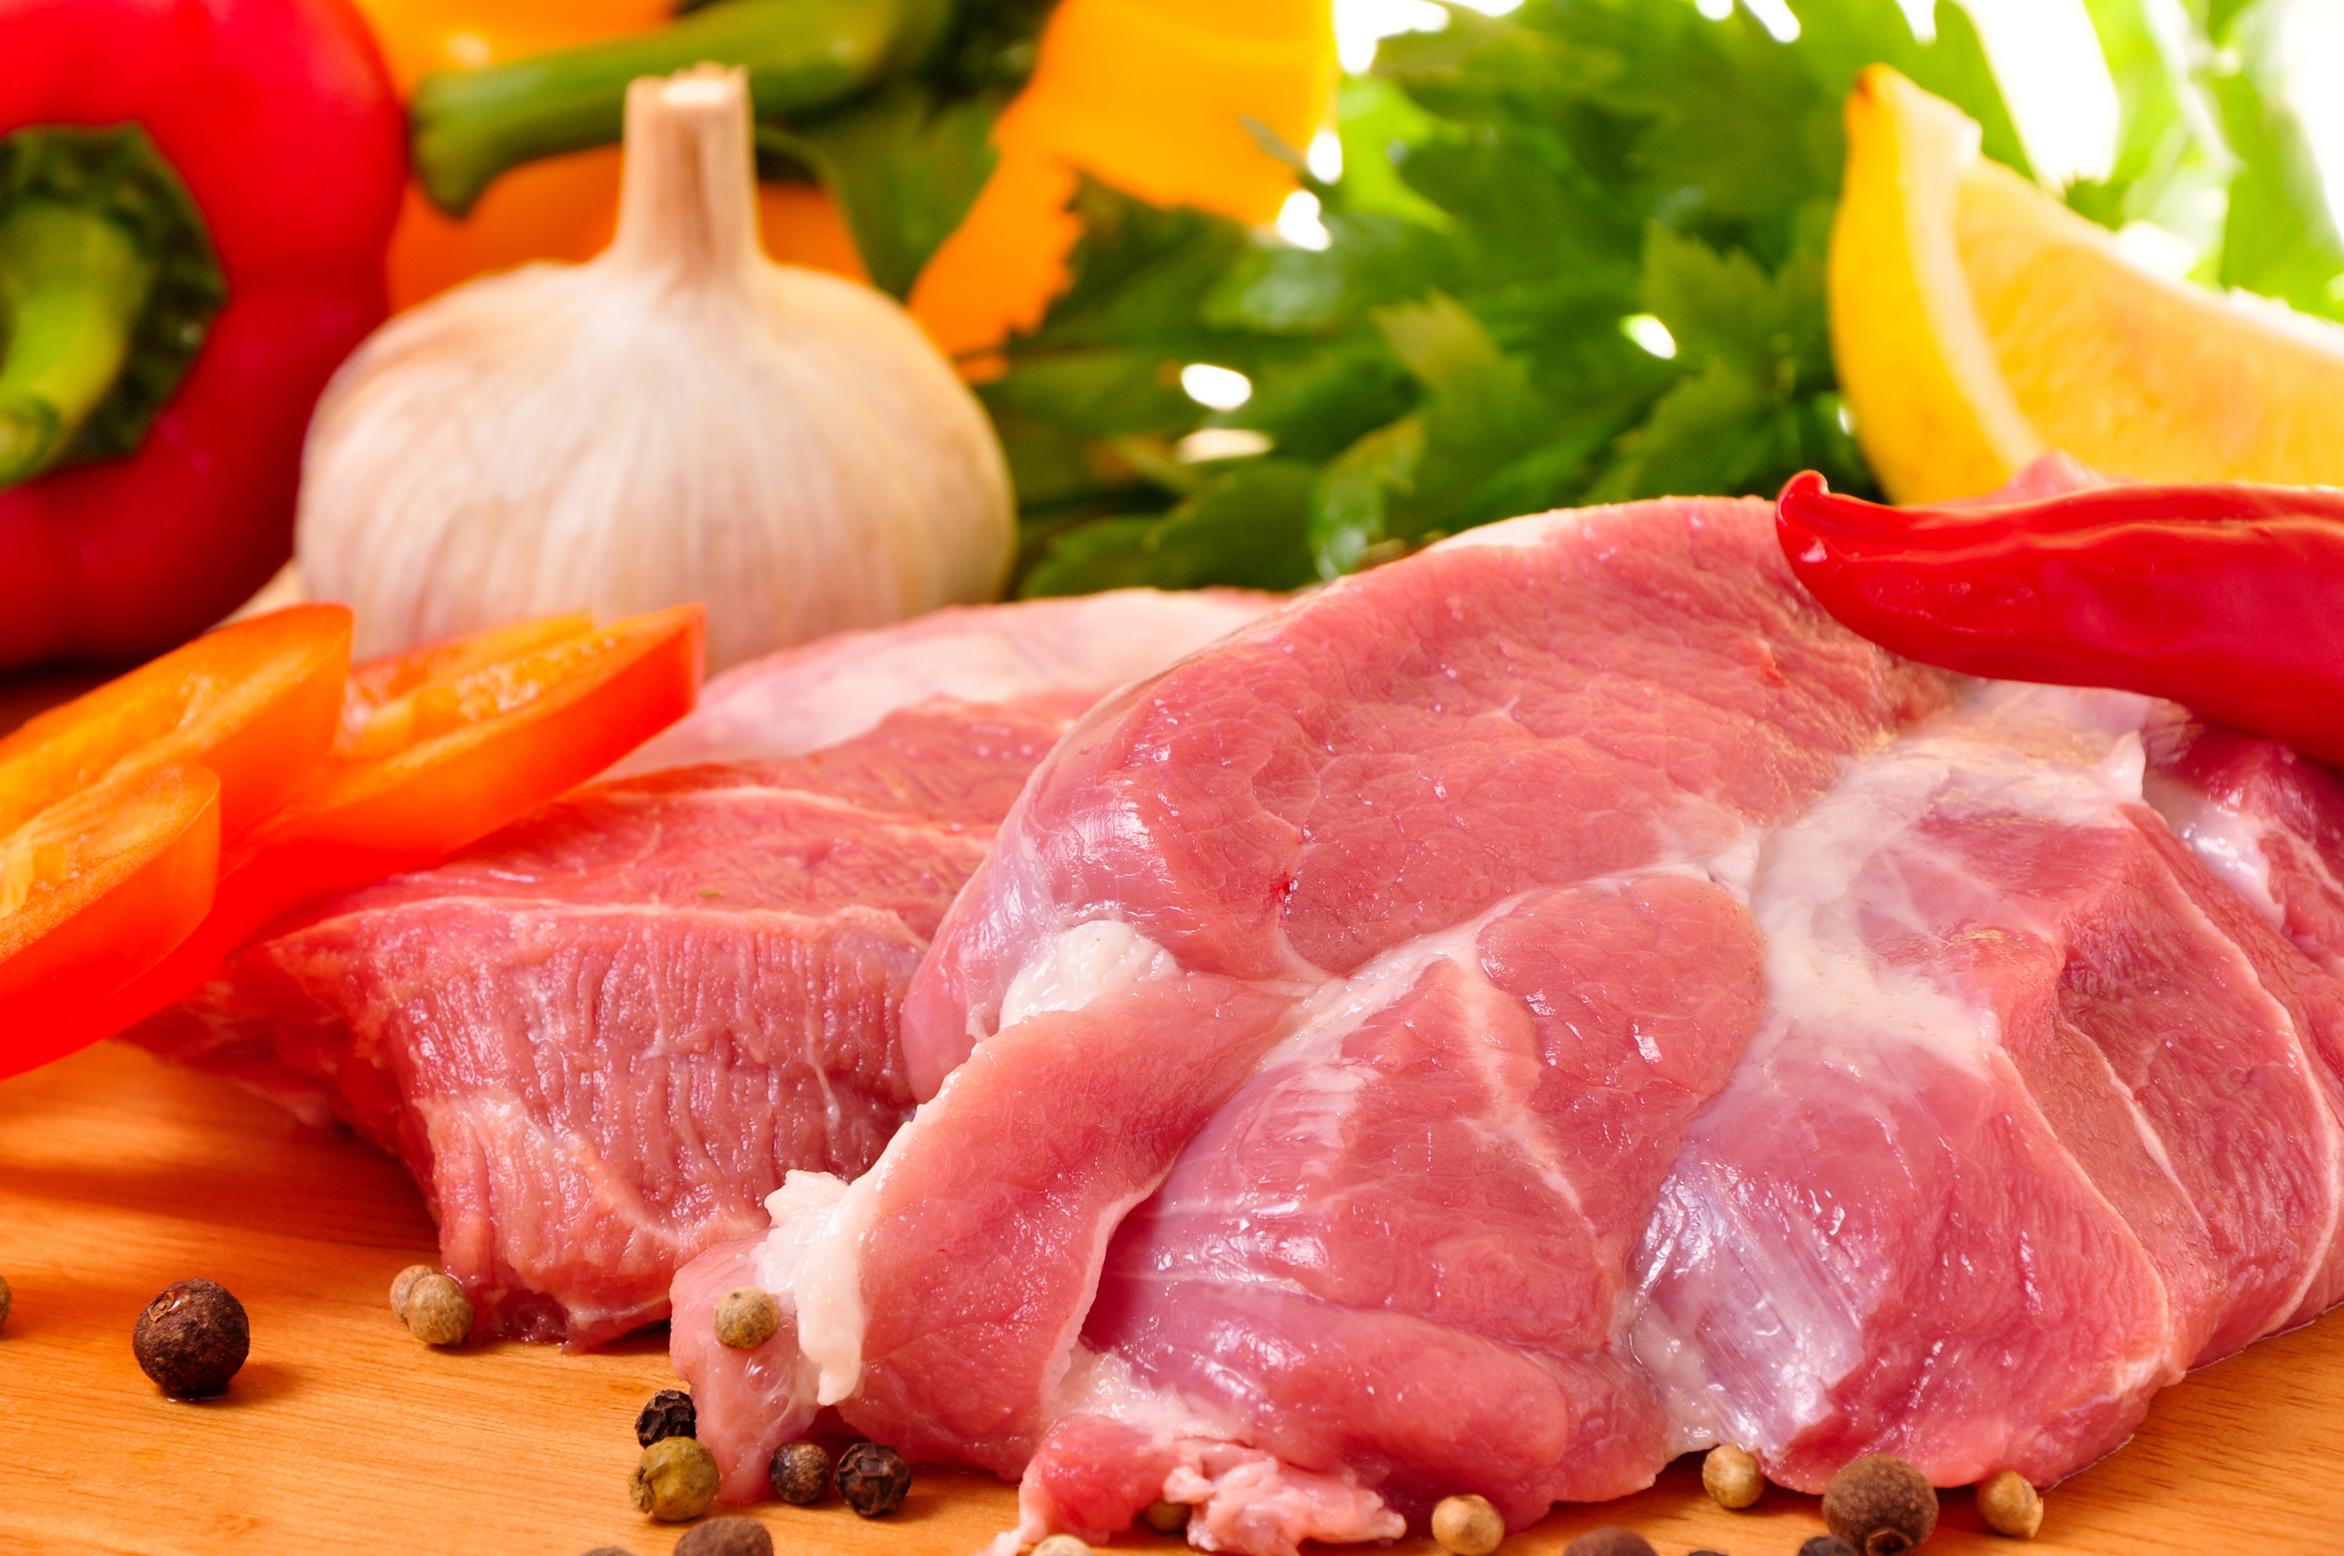 свежее мясо, кусочками, скачать фото, обои для рабочего стола